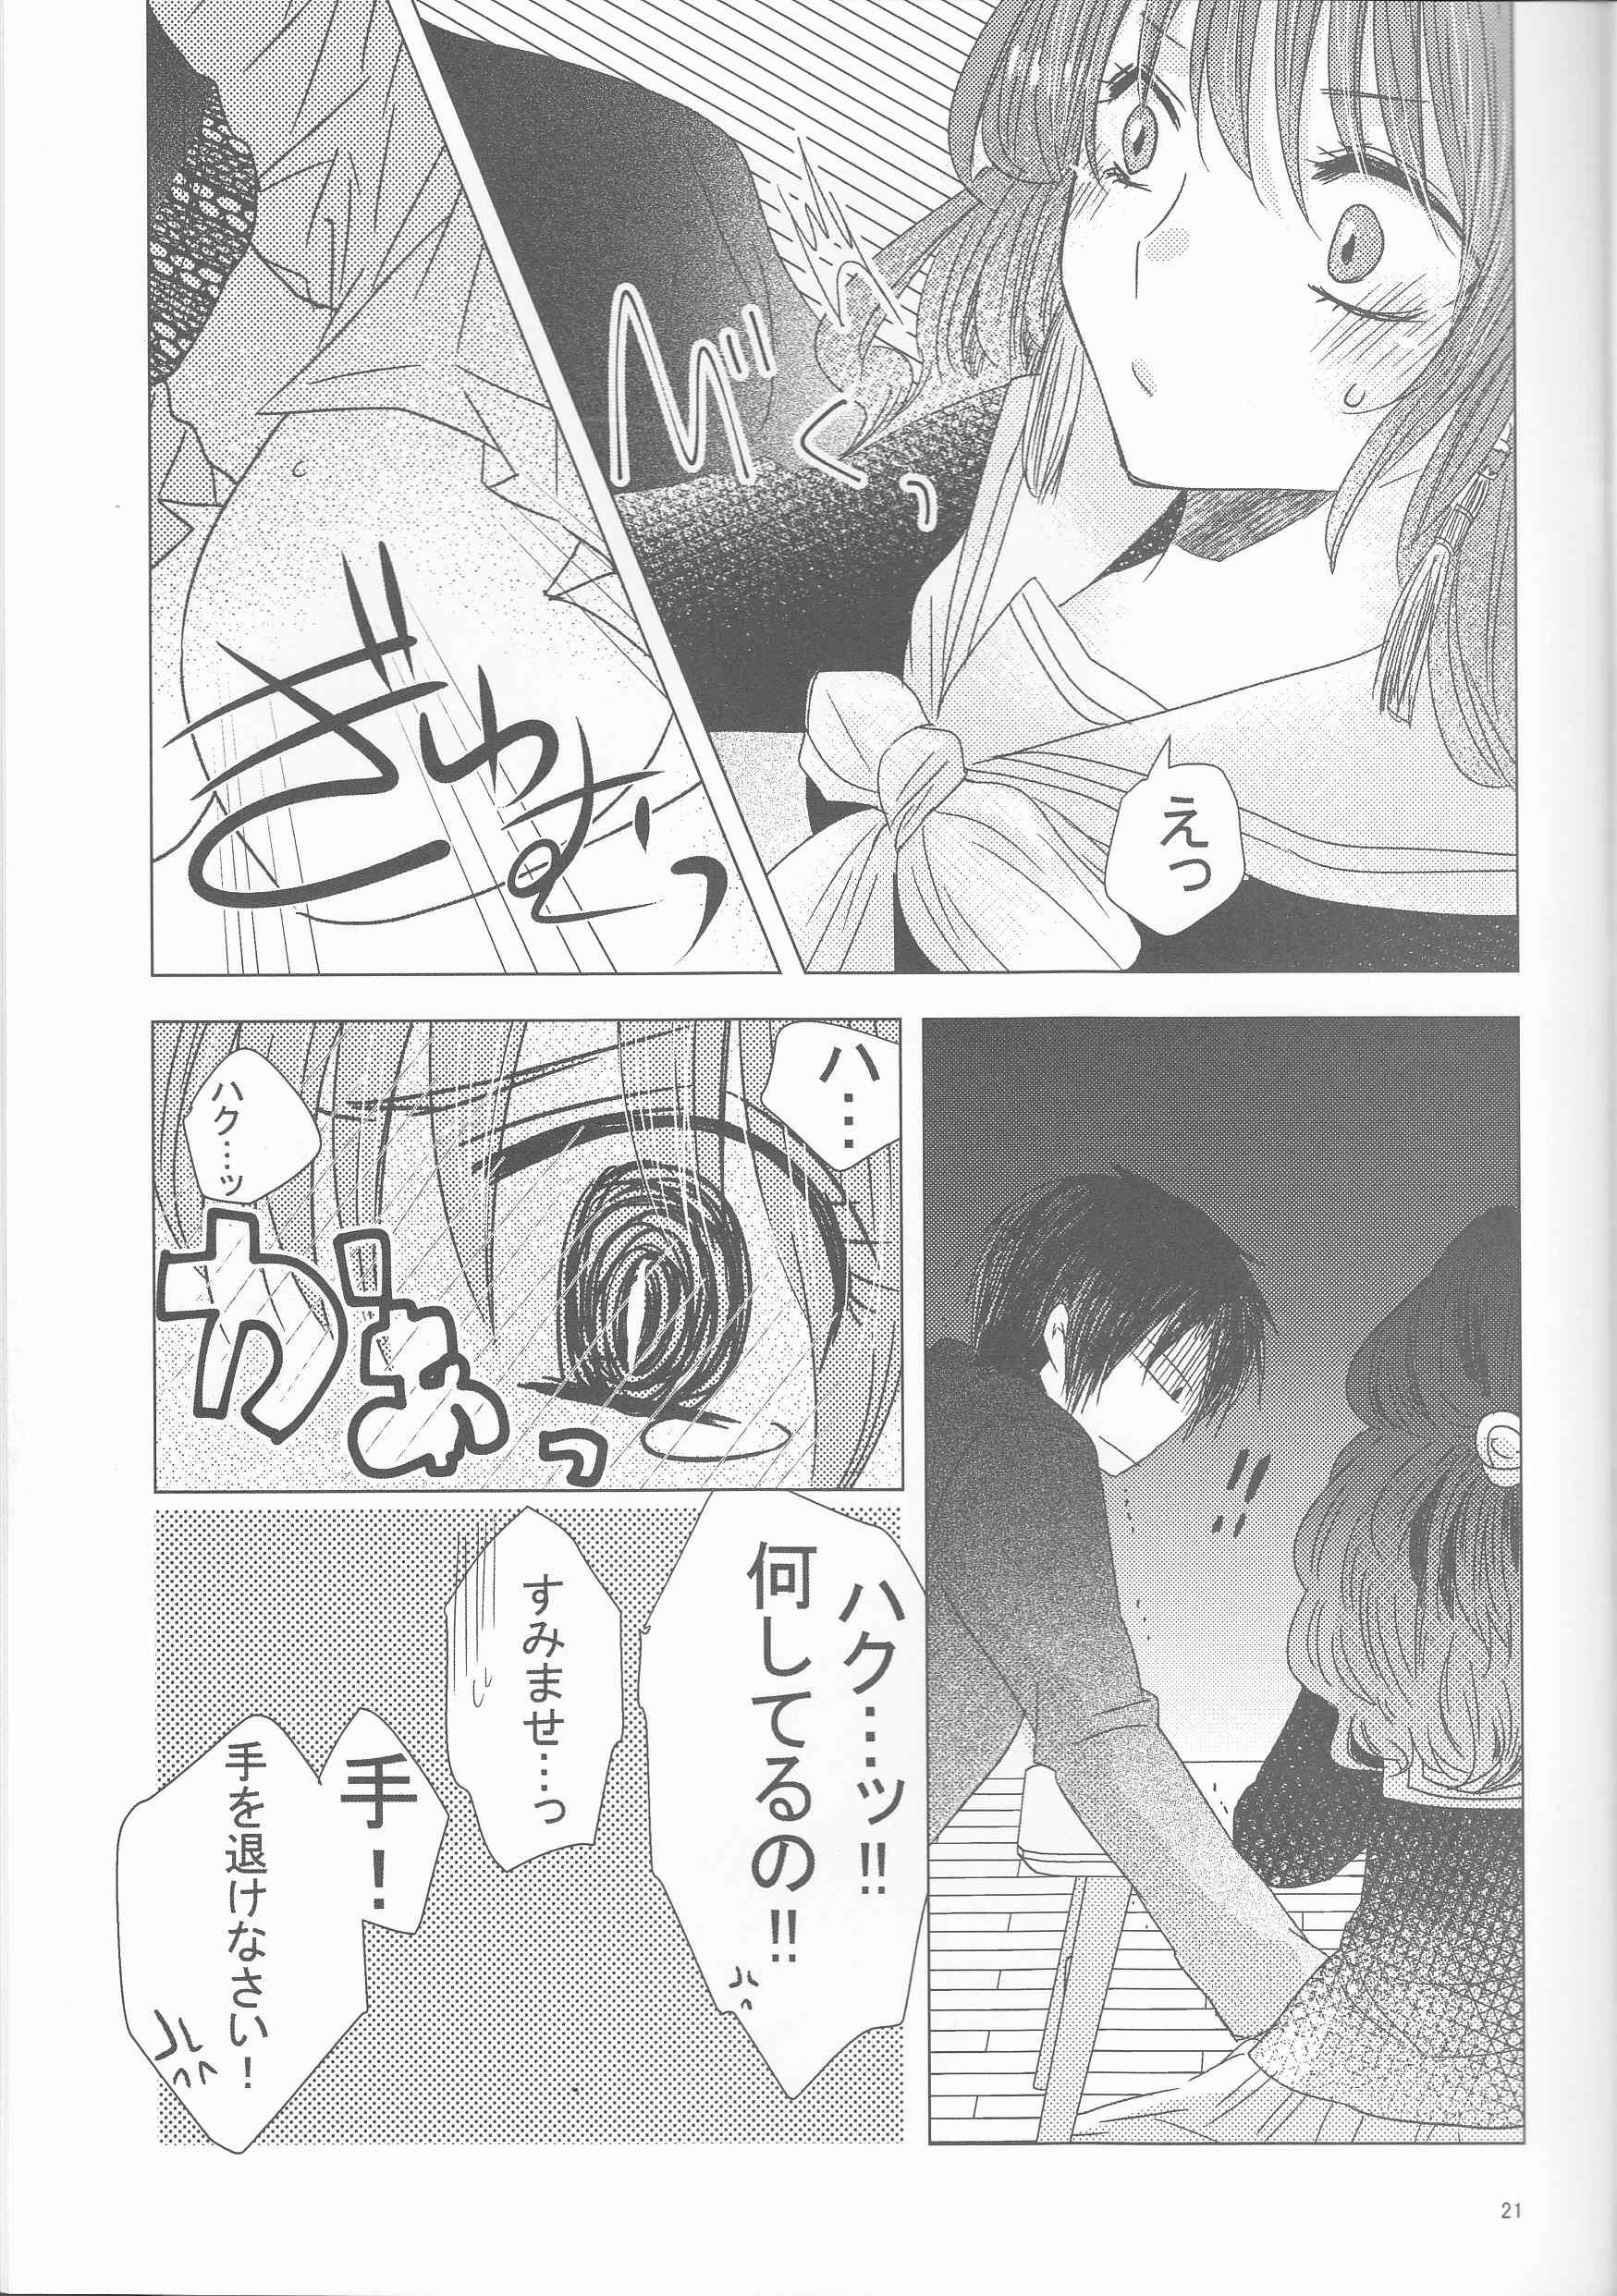 教えて STUDY (暁のヨナ) (21)